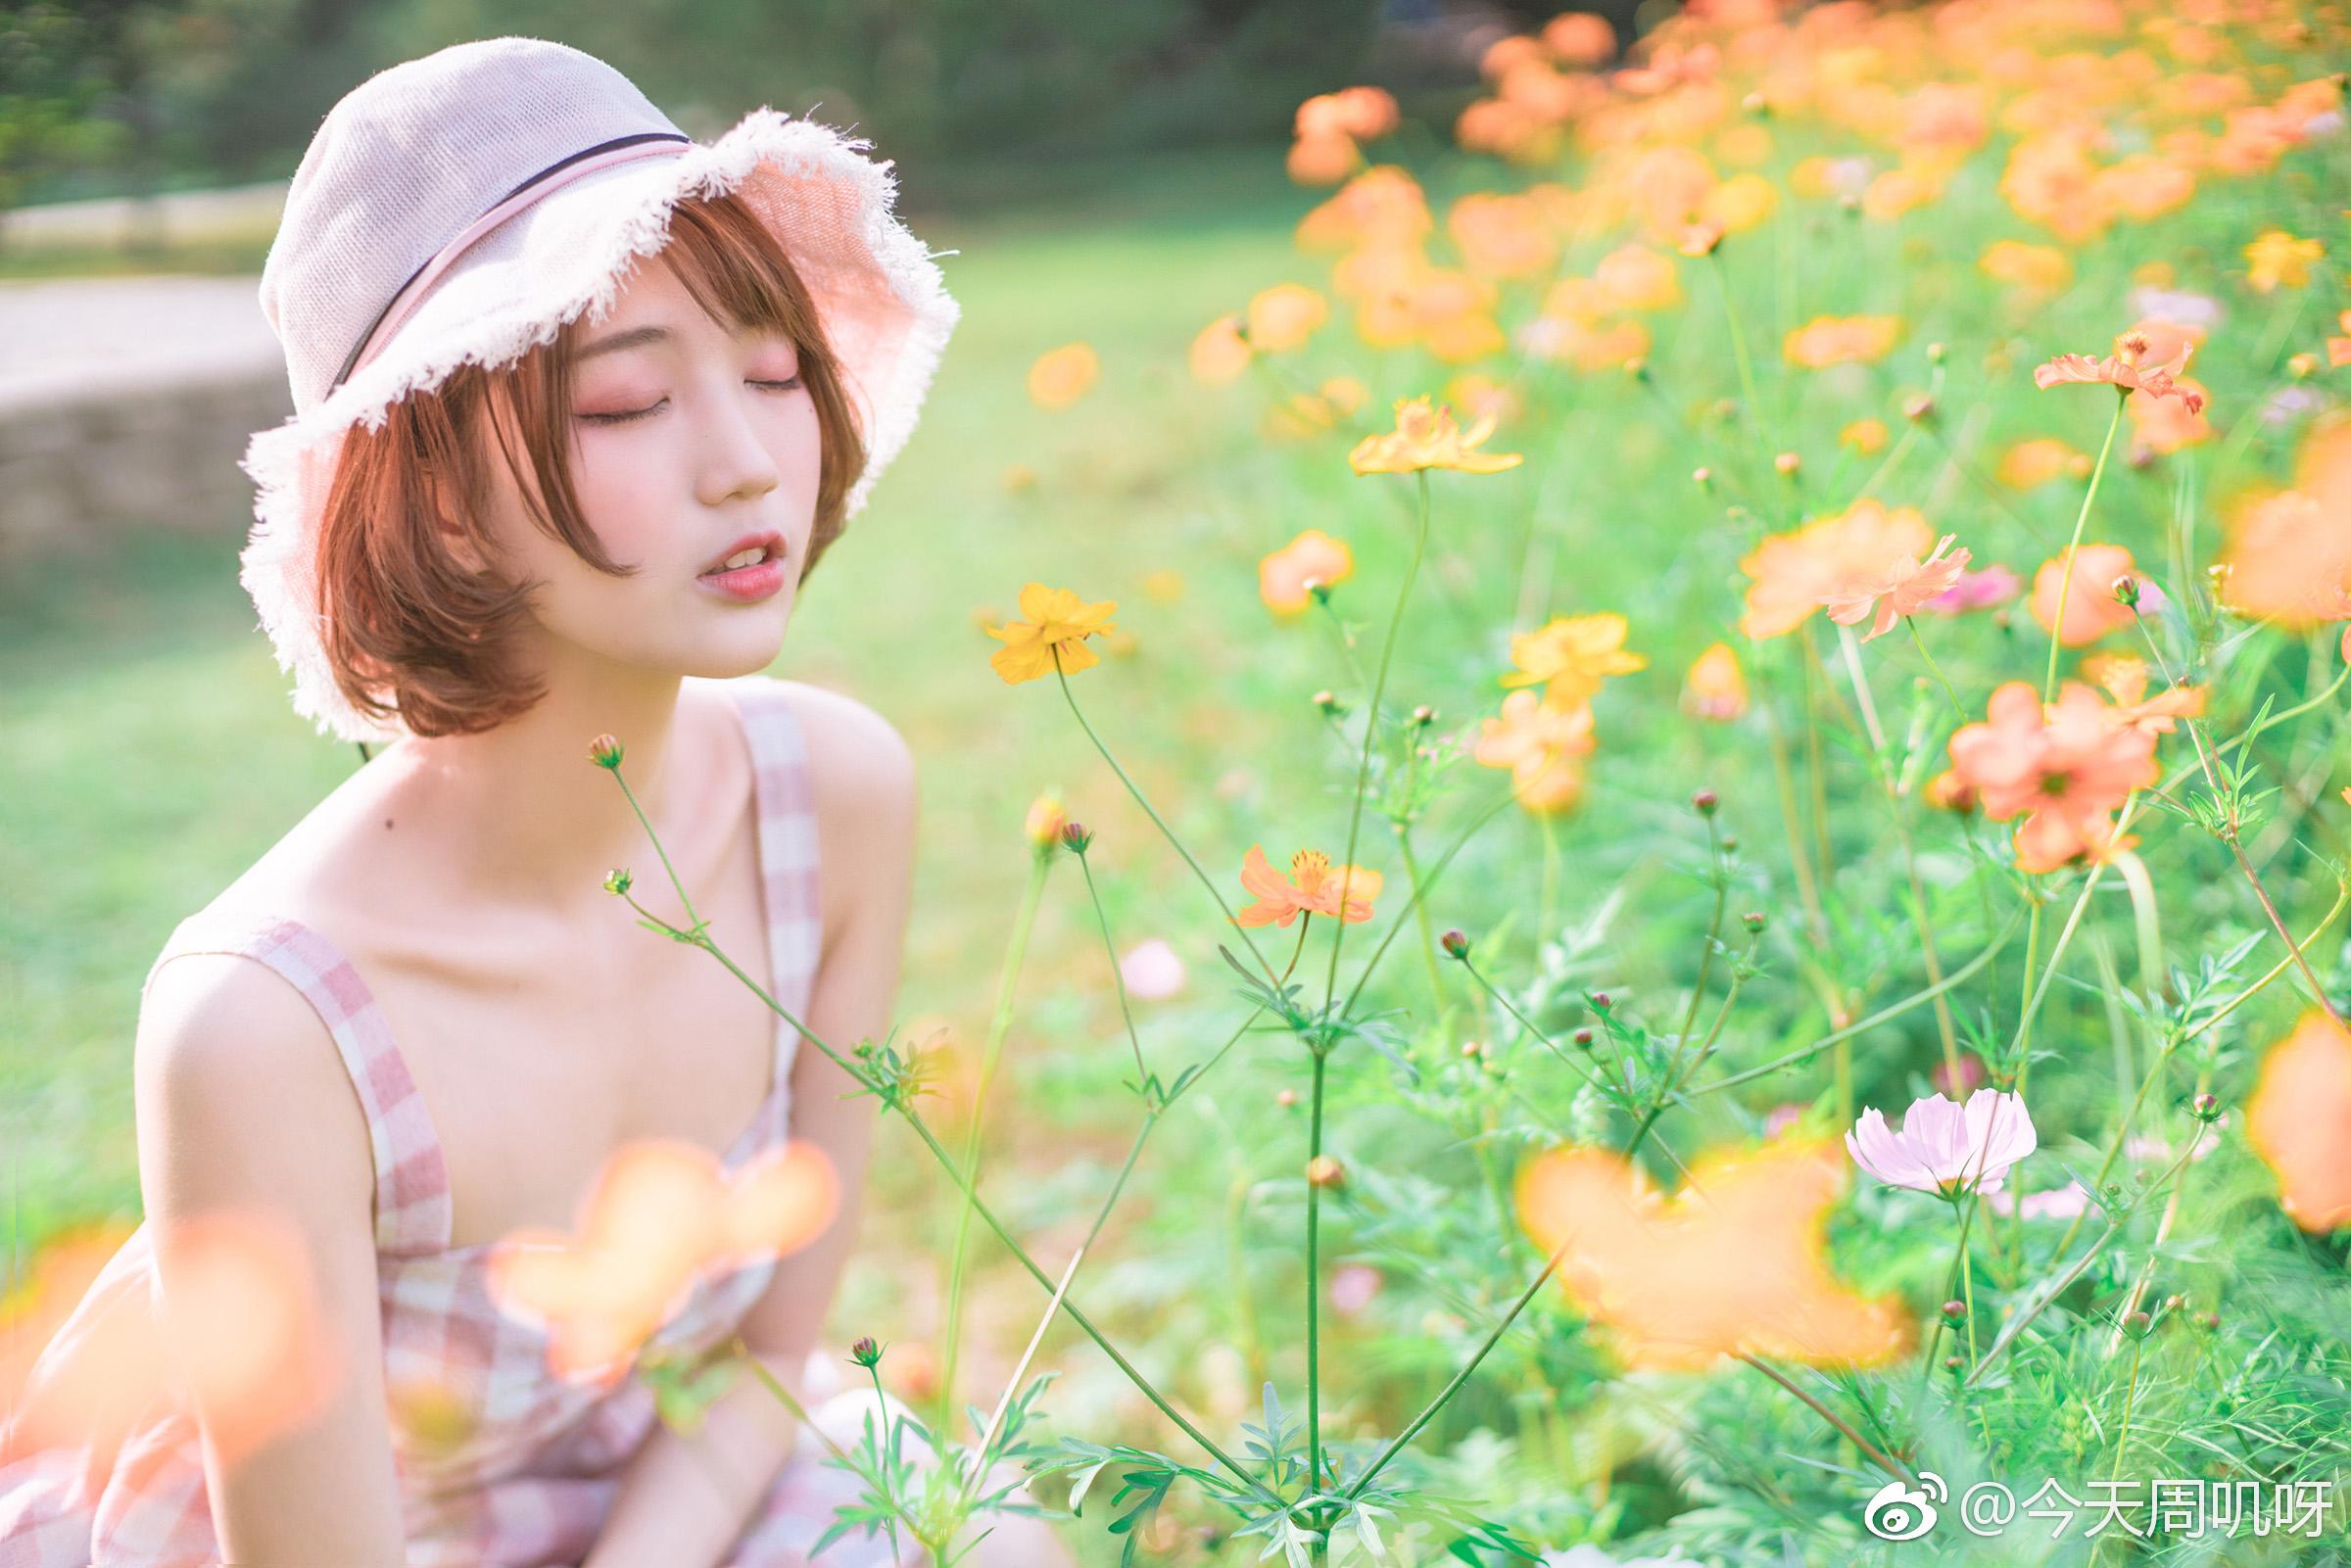 天气太好了,想拽你的衣角出门。人们看花,我看你。插图